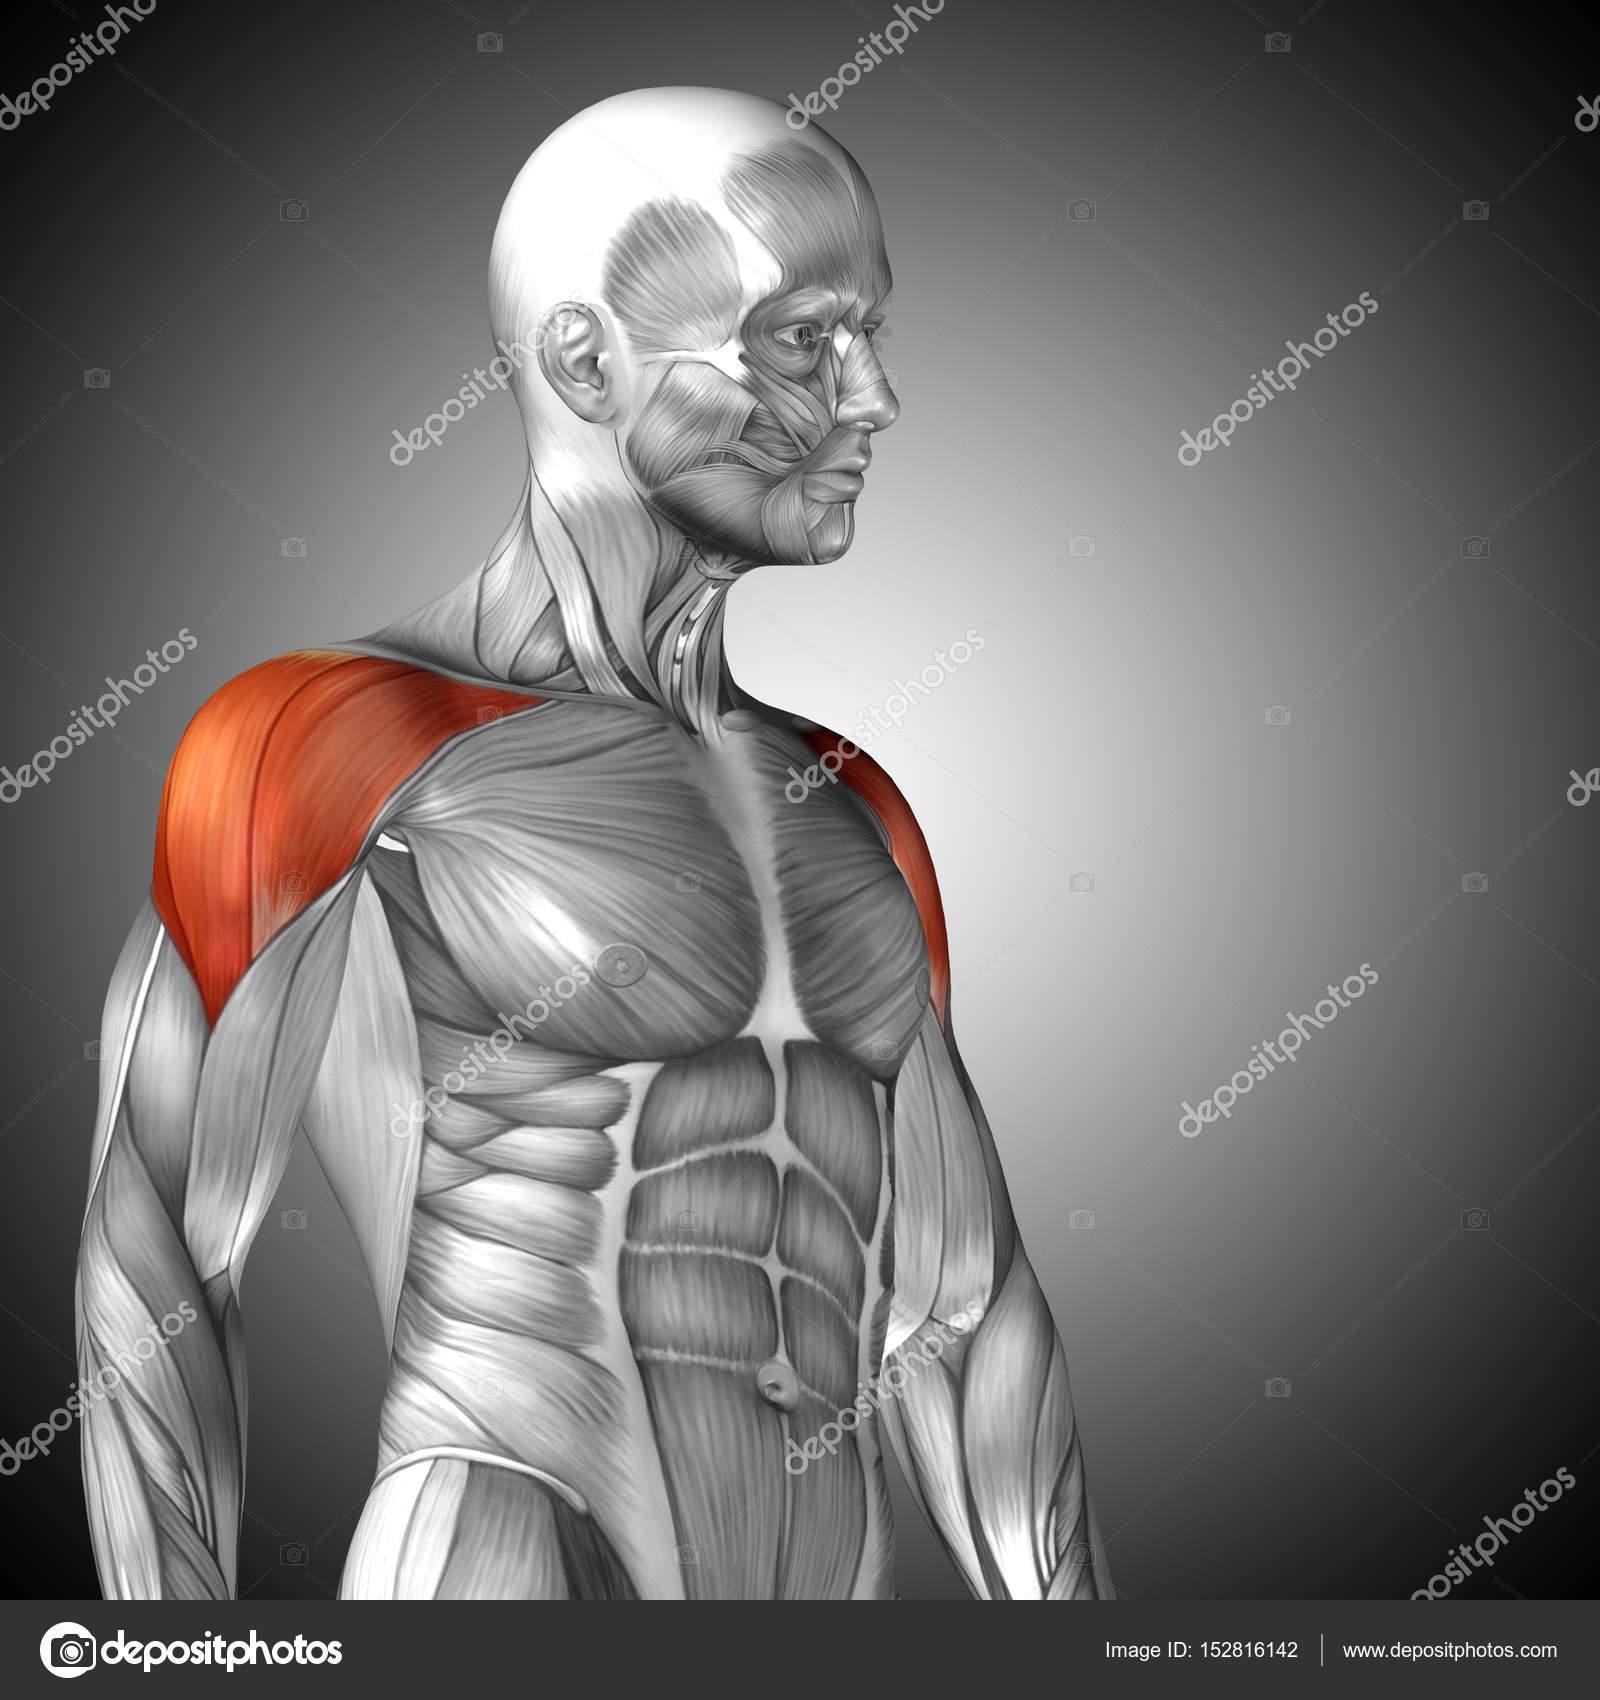 Anatomía del pecho humano — Foto de stock © design36 #152816142